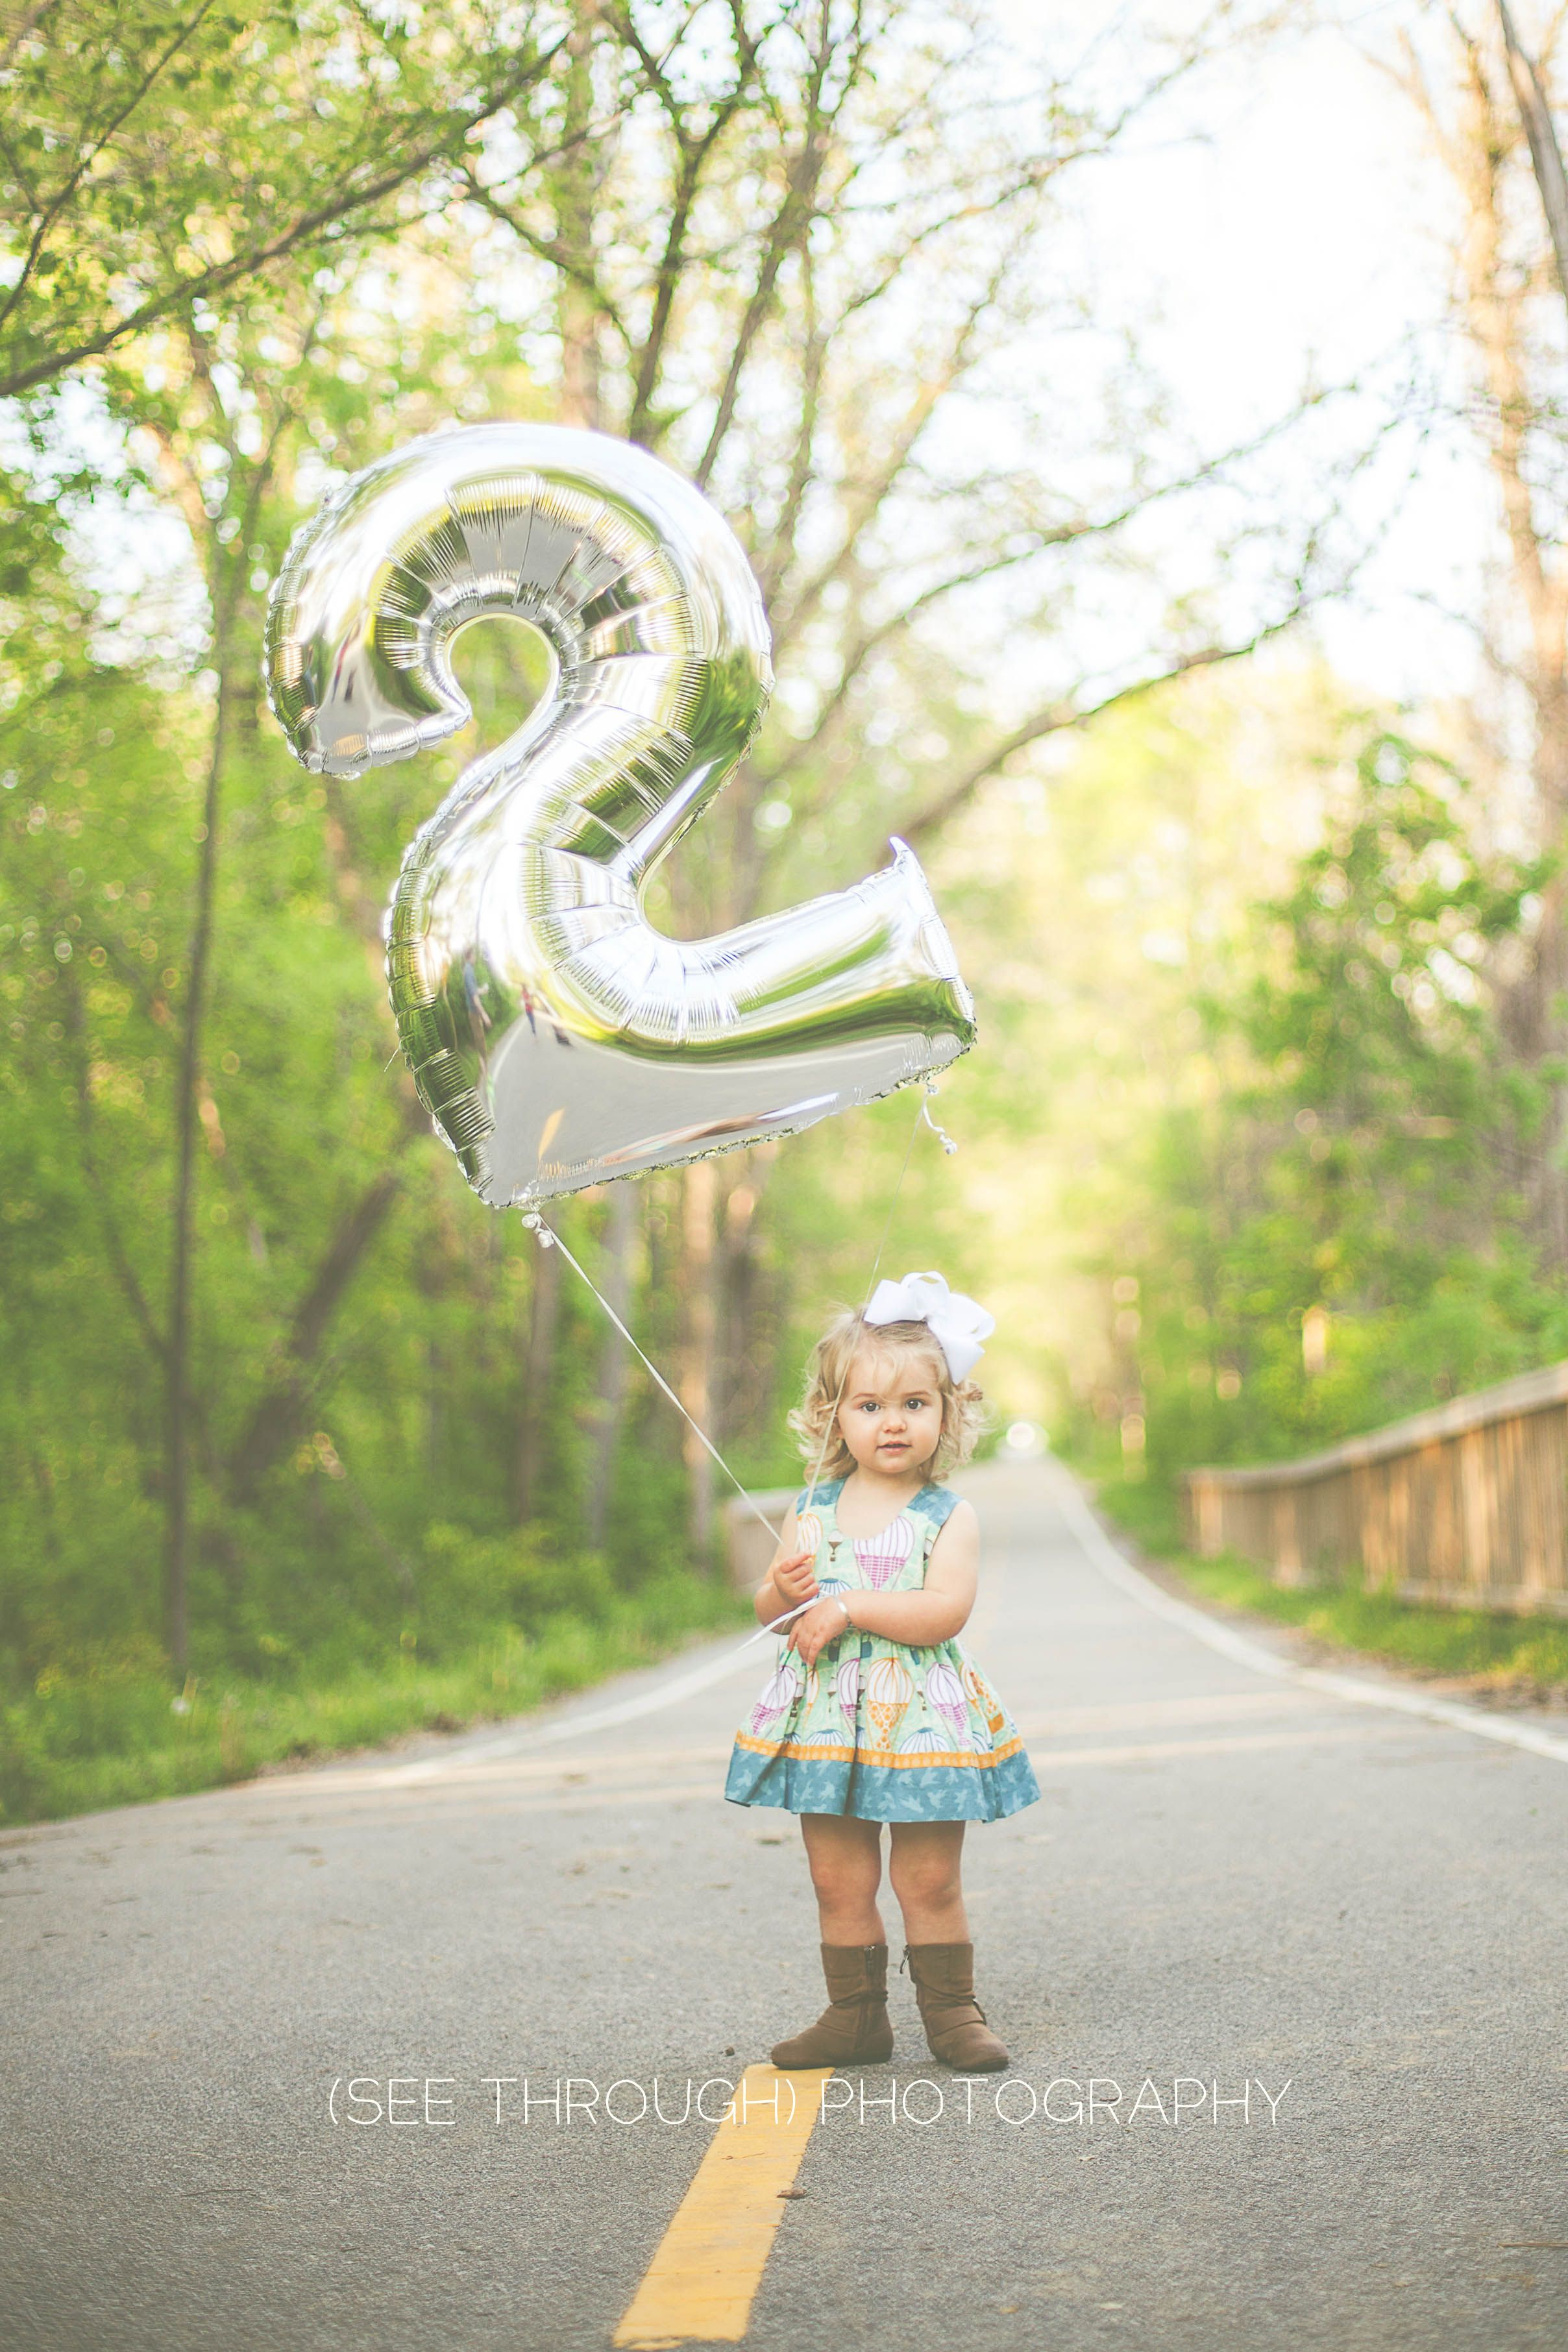 Baby Girl Outdoor Photo Shoot Ideas